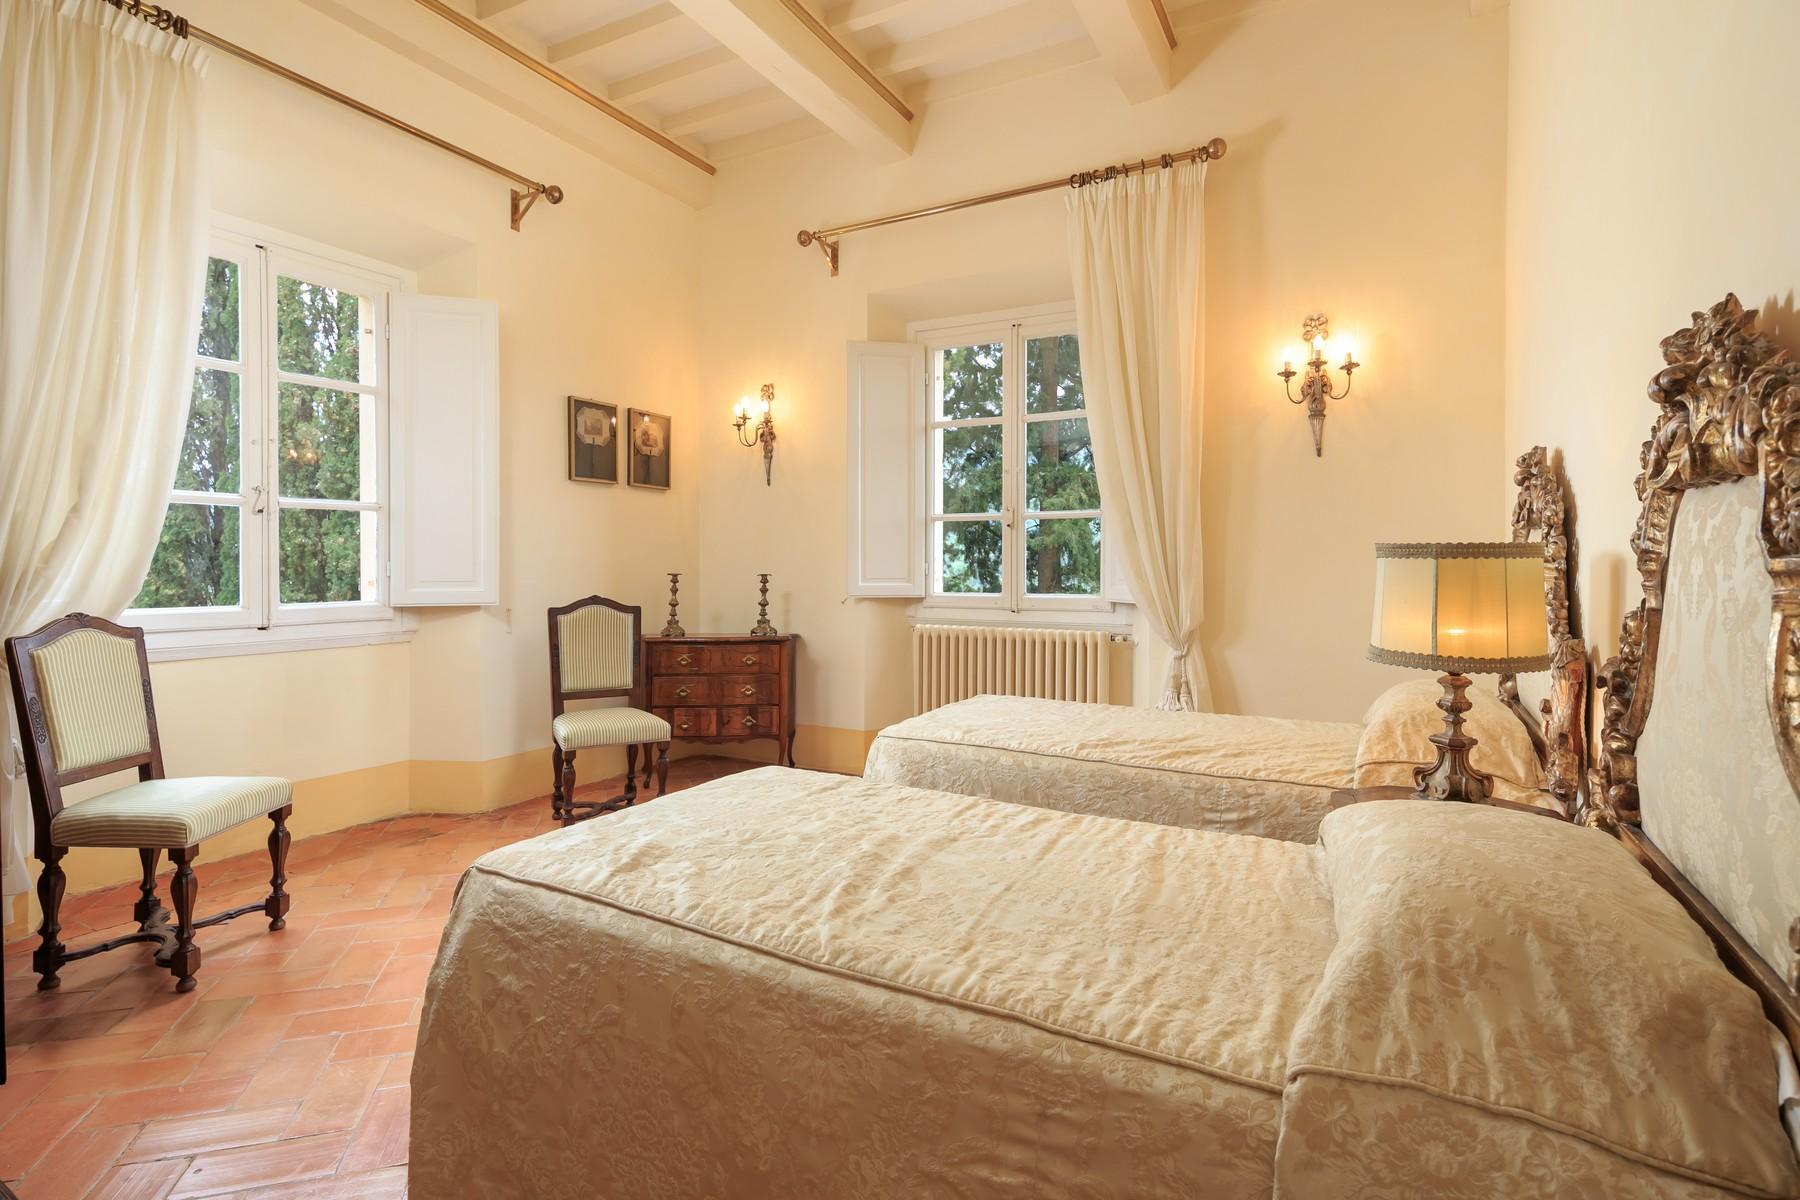 Восхитительное поместье с захватывающим видом на Тоскану в окрестностях Сиены, Италия - 19